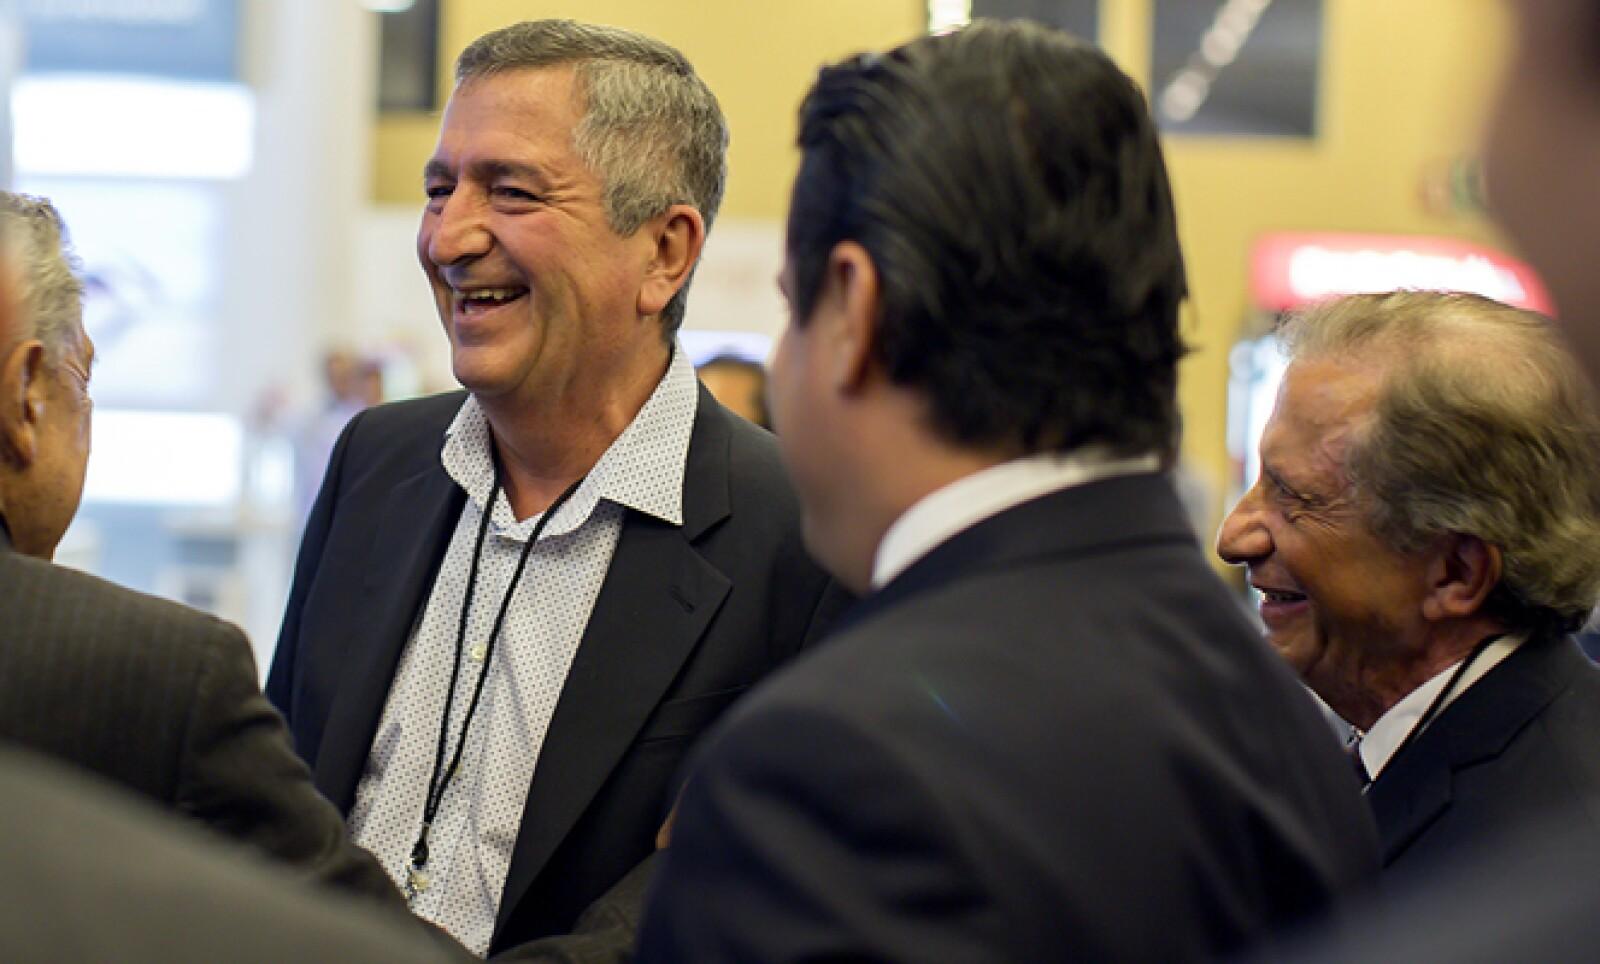 El empresario, quien mantiene una disputa legal con Angélica Fuentes por el control del Grupo Omnilife-Chivas, estuvo entre los asistentes.